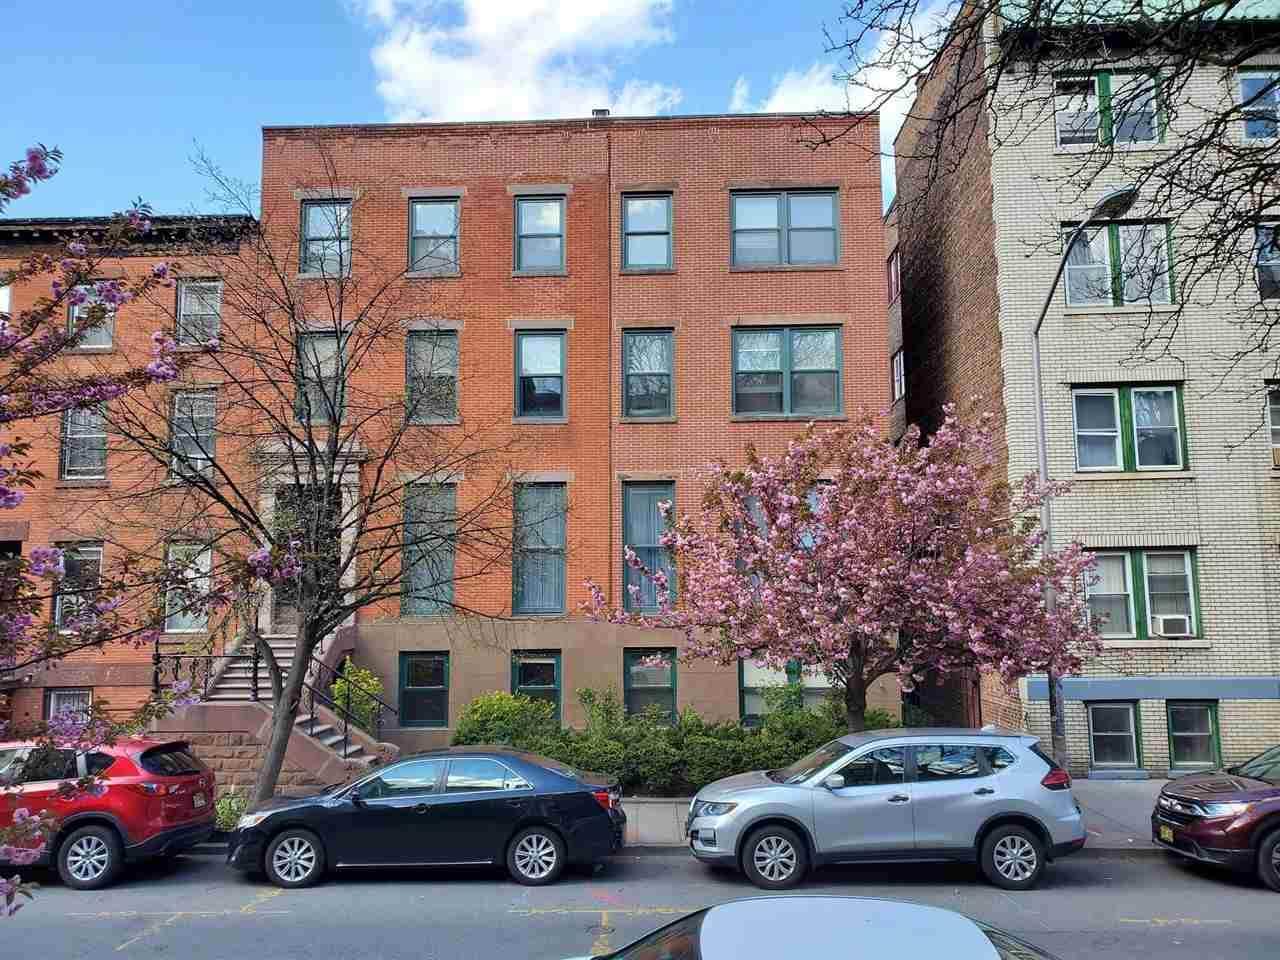 46 Mercer St - Photo 1